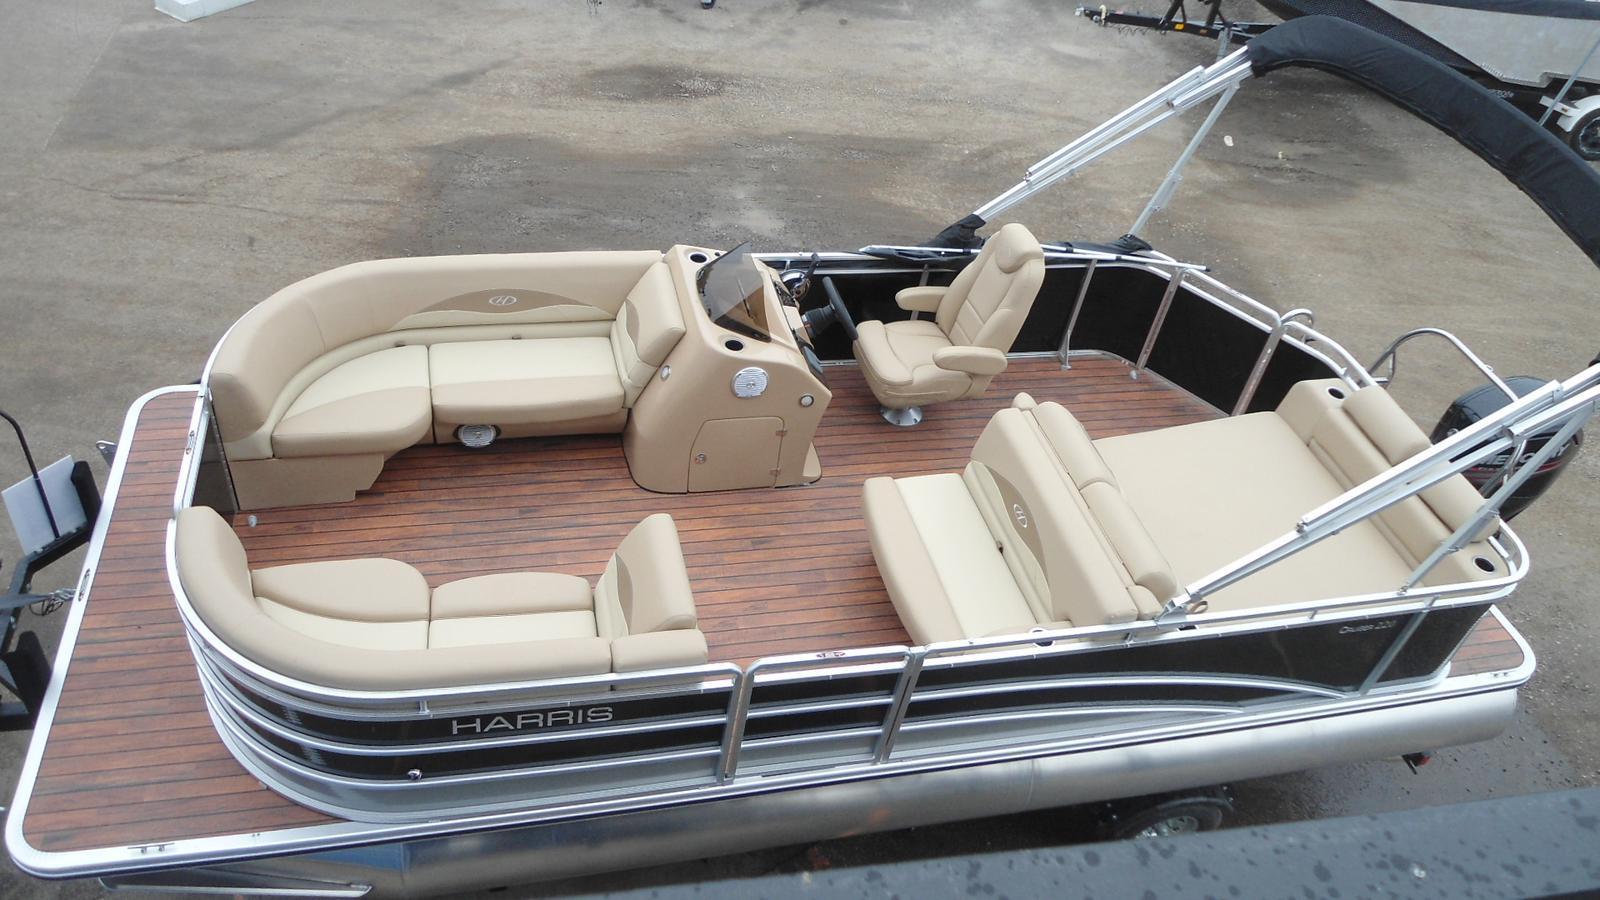 For Sale: 2016 Harris Cruiser 220 23ft<br/>Dockside Marine Centre, LTD.